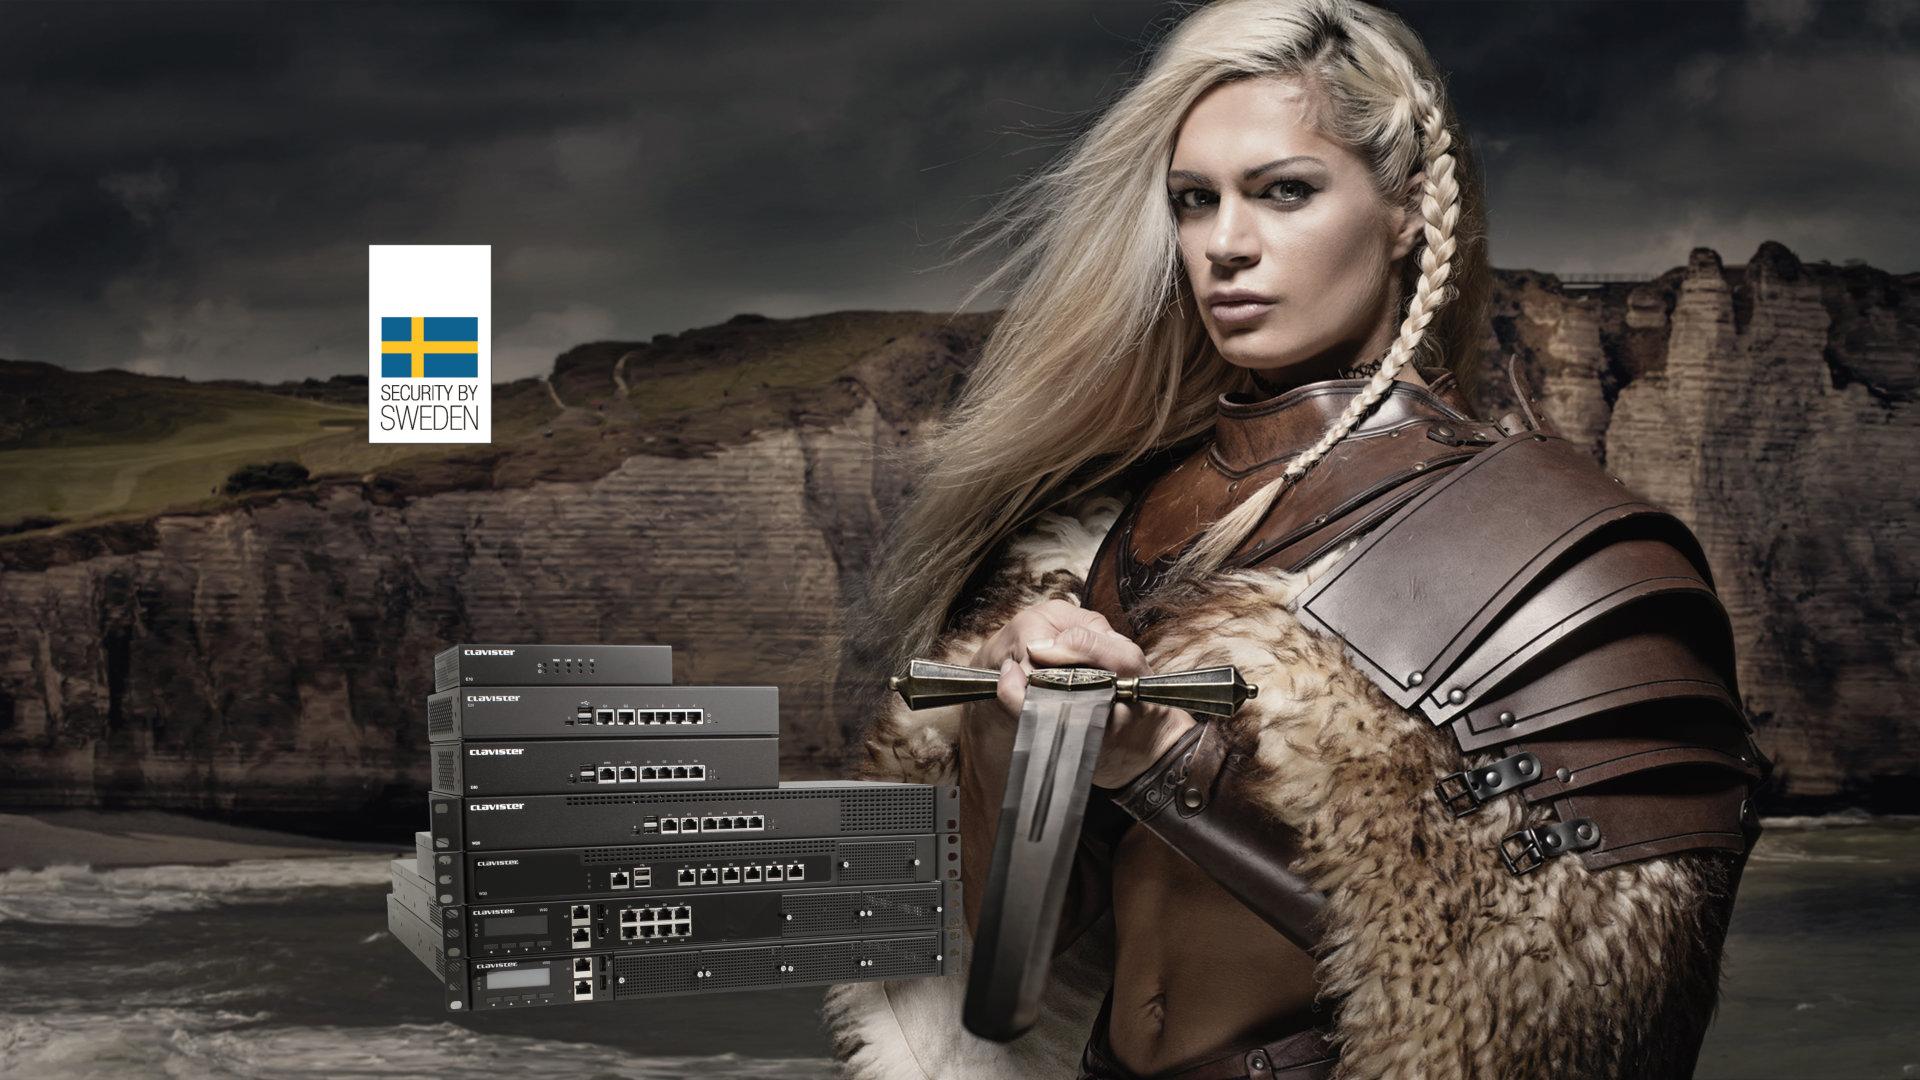 Clavister Connect.Protect - Clavister is een innovatieve network security vendor uit Zweden, die een full range van network security solutions levert voor fysieke en gevirtualiseerde omgevingen. Vooraanstaande enterprise klanten, Cloud Service Providers en Telecom Operators draaien al jaren op de oplossingen van Clavister.